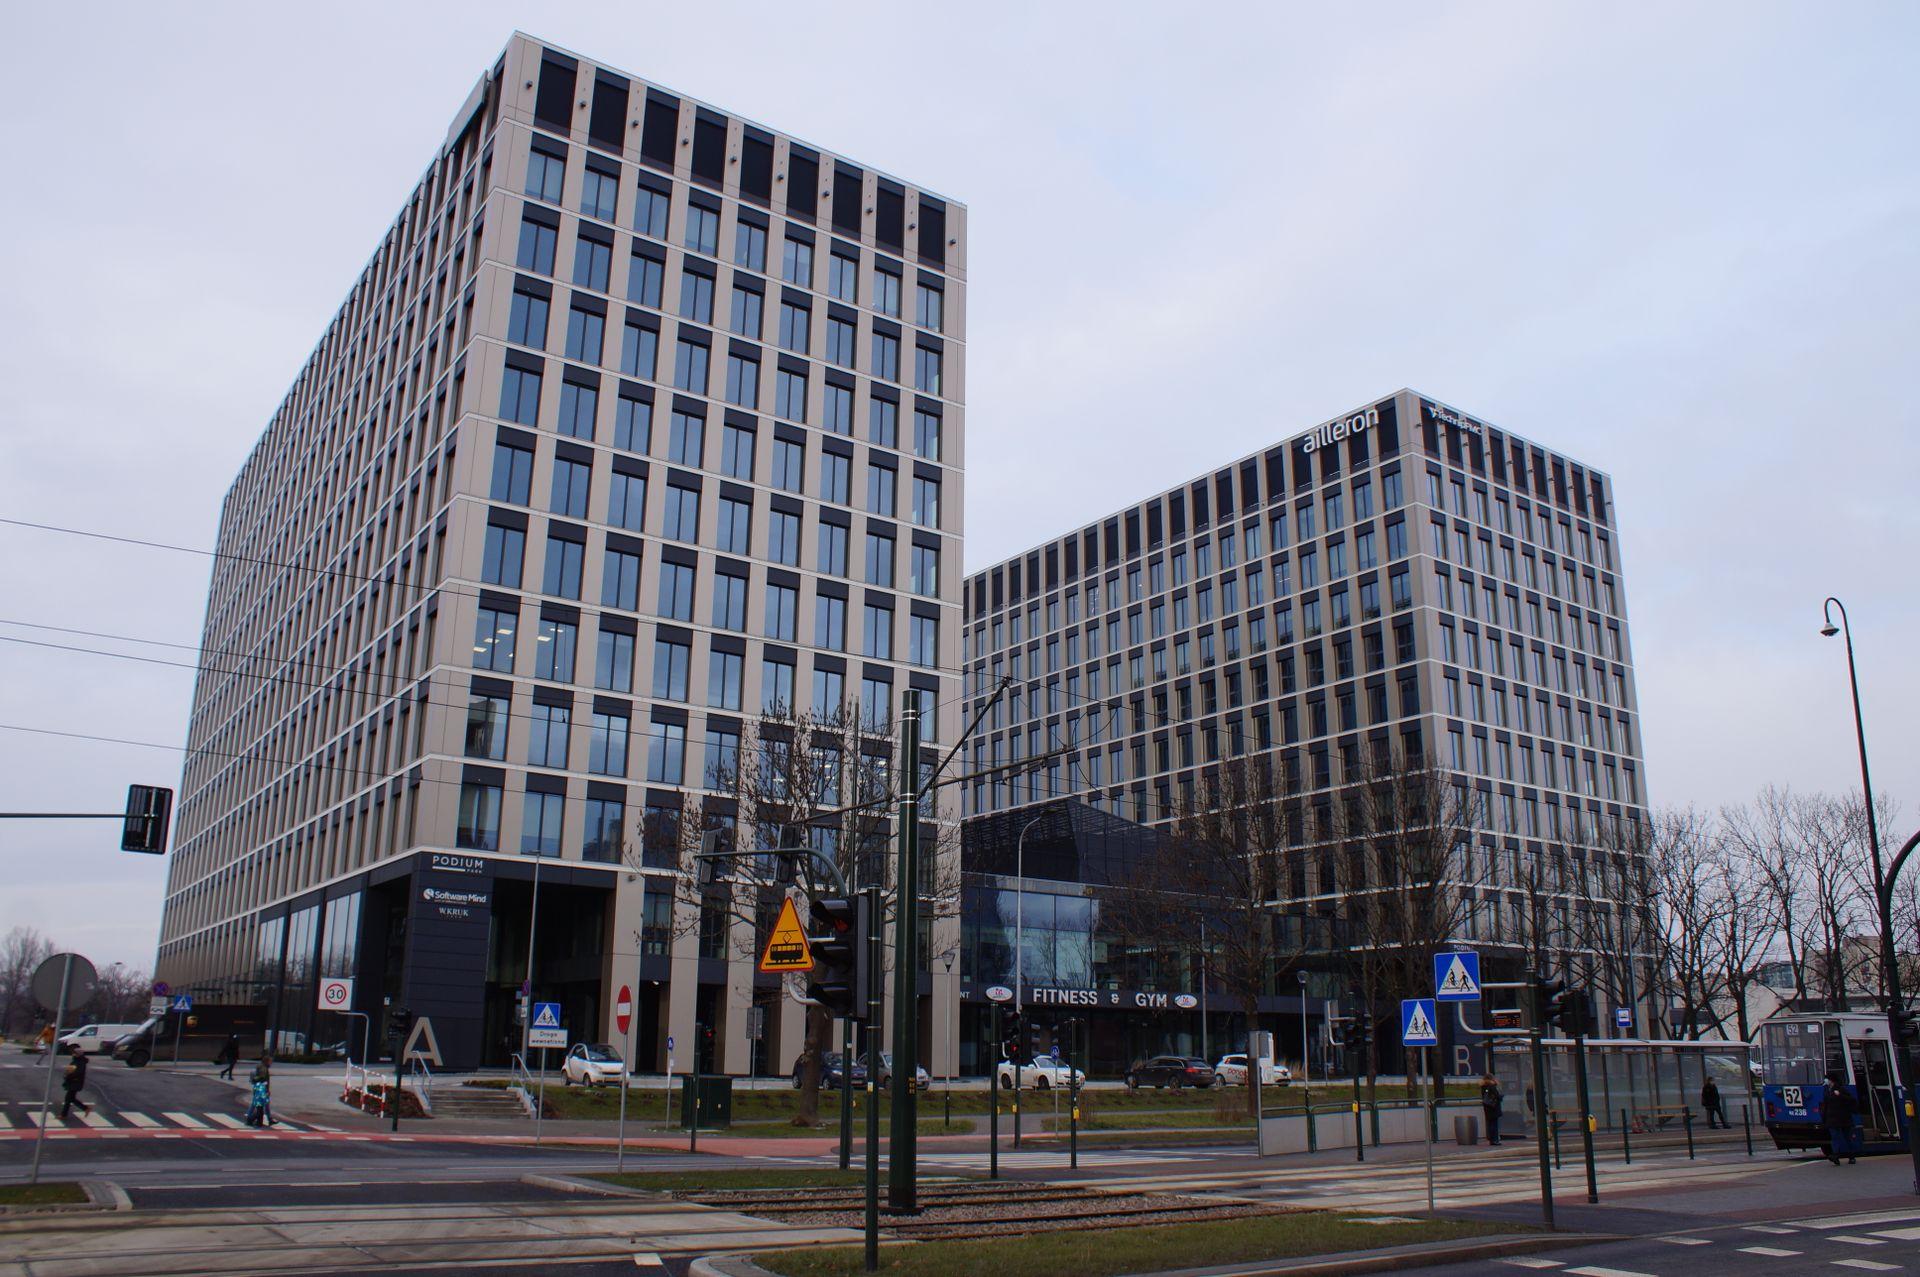 Morele przenosi swoje biuro do kompleksu biurowego Podium Park w Krakowie